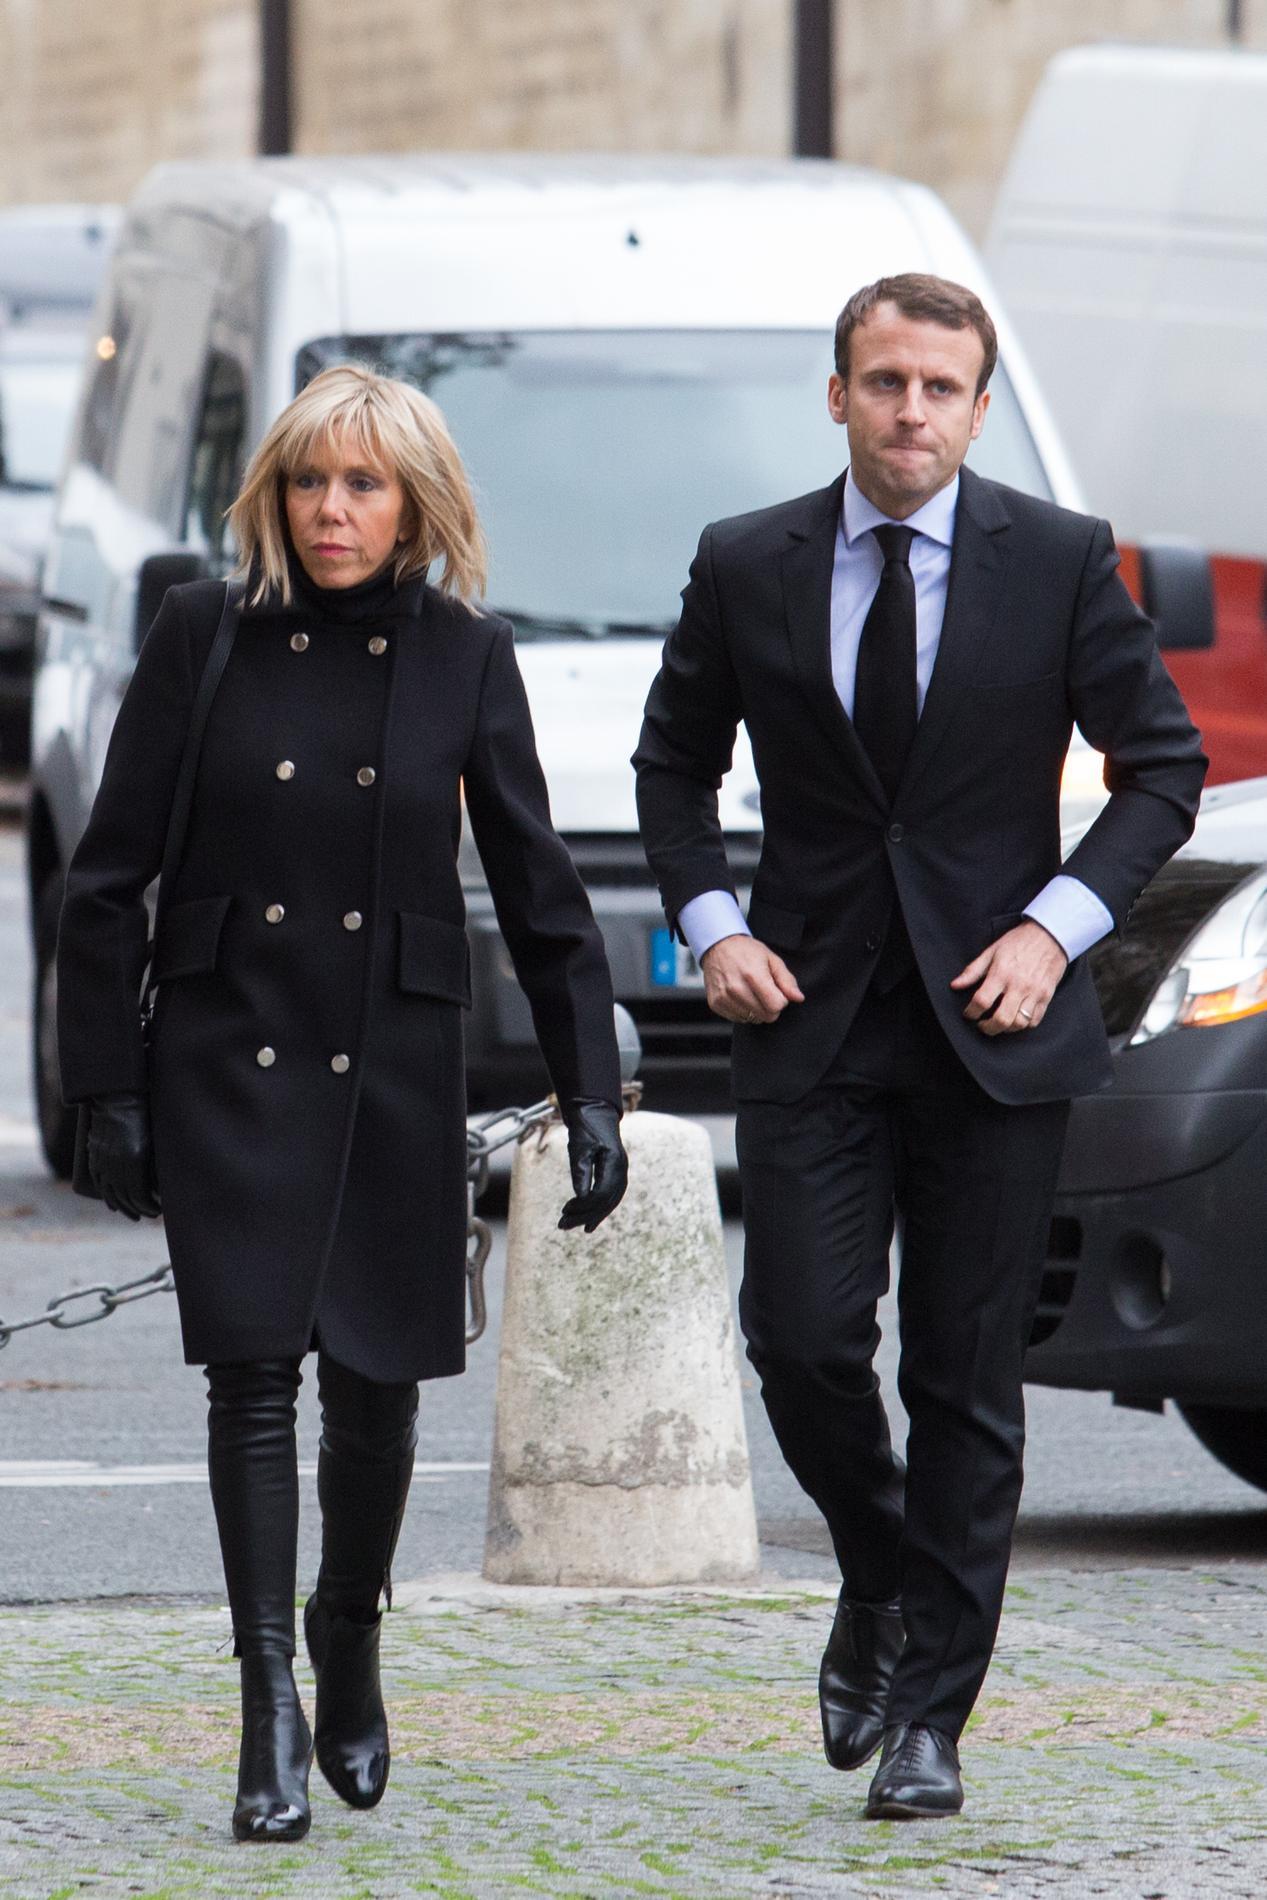 Photo AFP Le look moderne d Emmanuel Macron Le look moderne d Emmanuel  Macron Le look moderne d Emmanuel Macron Le look moderne d Emmanuel Macron  Le look ... d88cfb7df9a